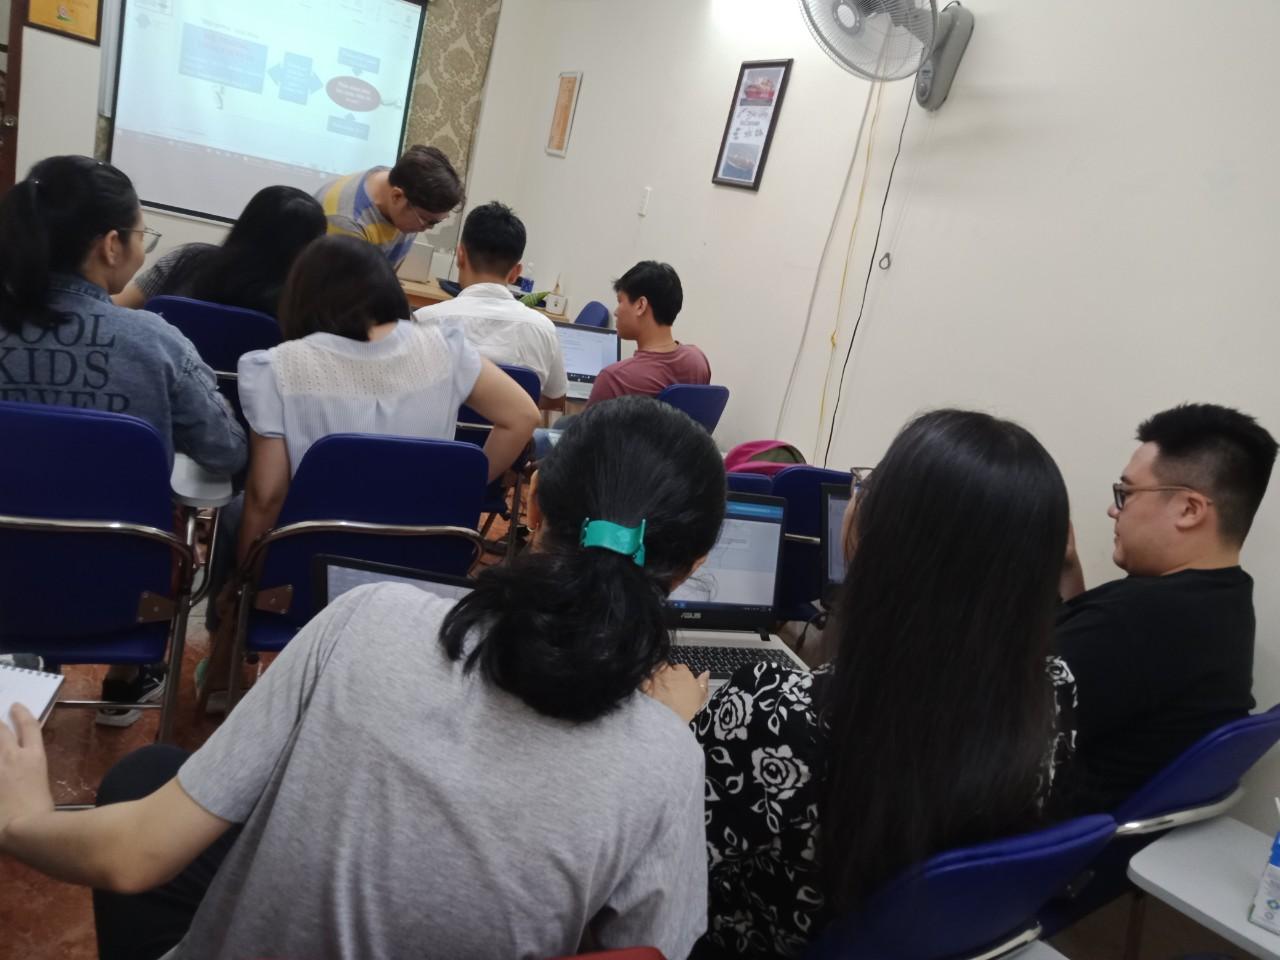 Giảng viên tại VinaTrain hướng dẫn nghiệp vụ tính lương cho học viên tại trung tâm chi nhánh Hồ Chí Minh